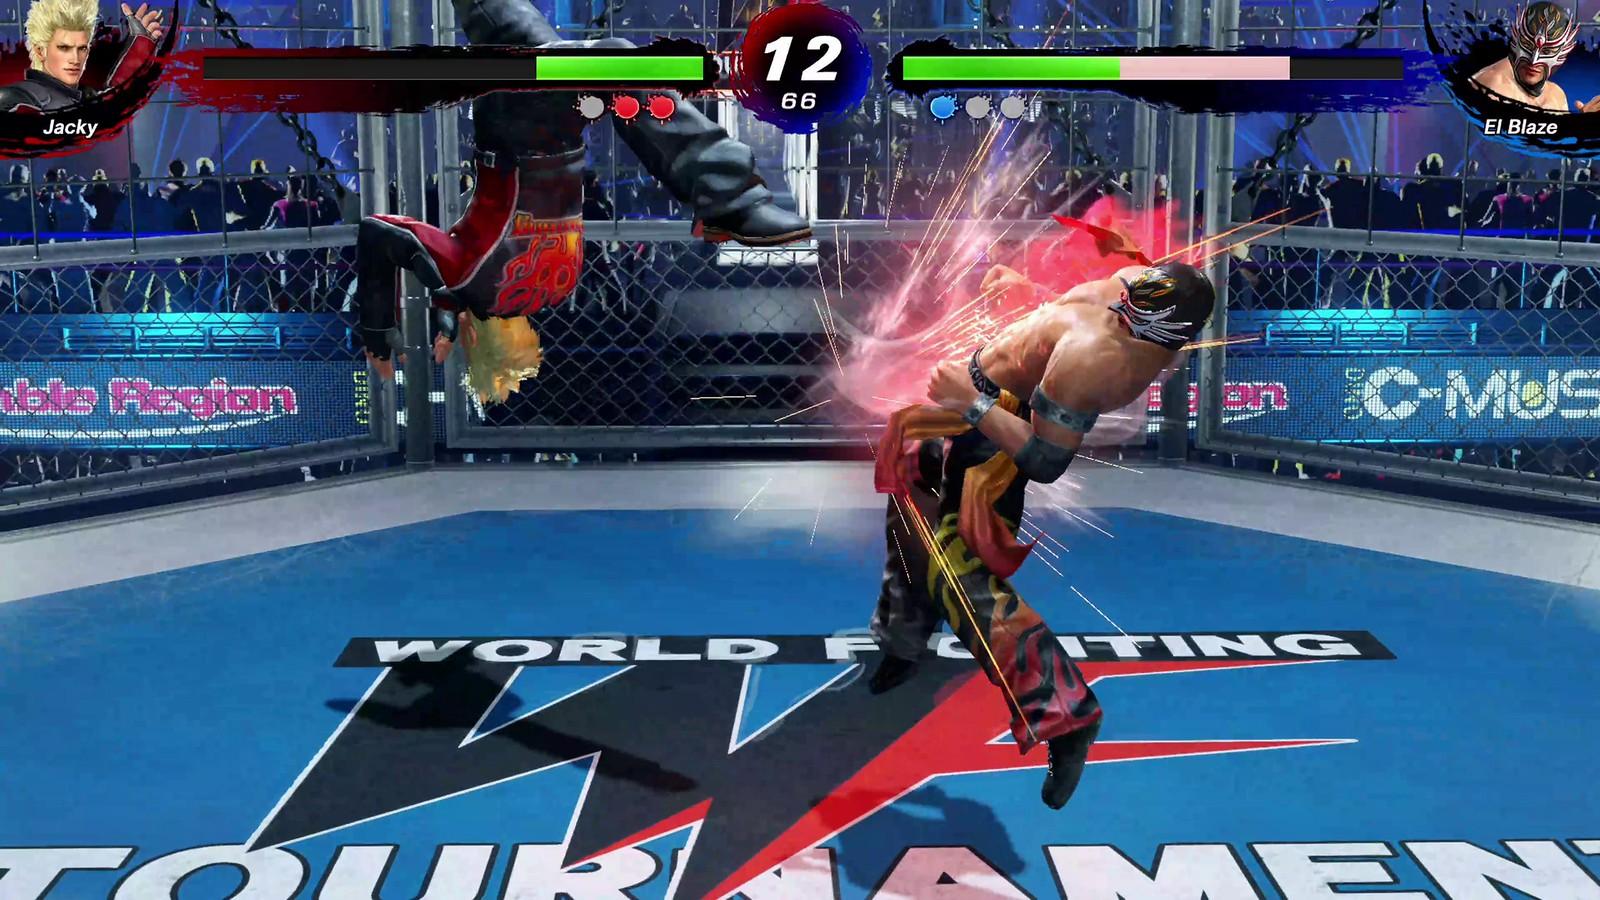 Virtua Fighter 5 Ultimate Showdown